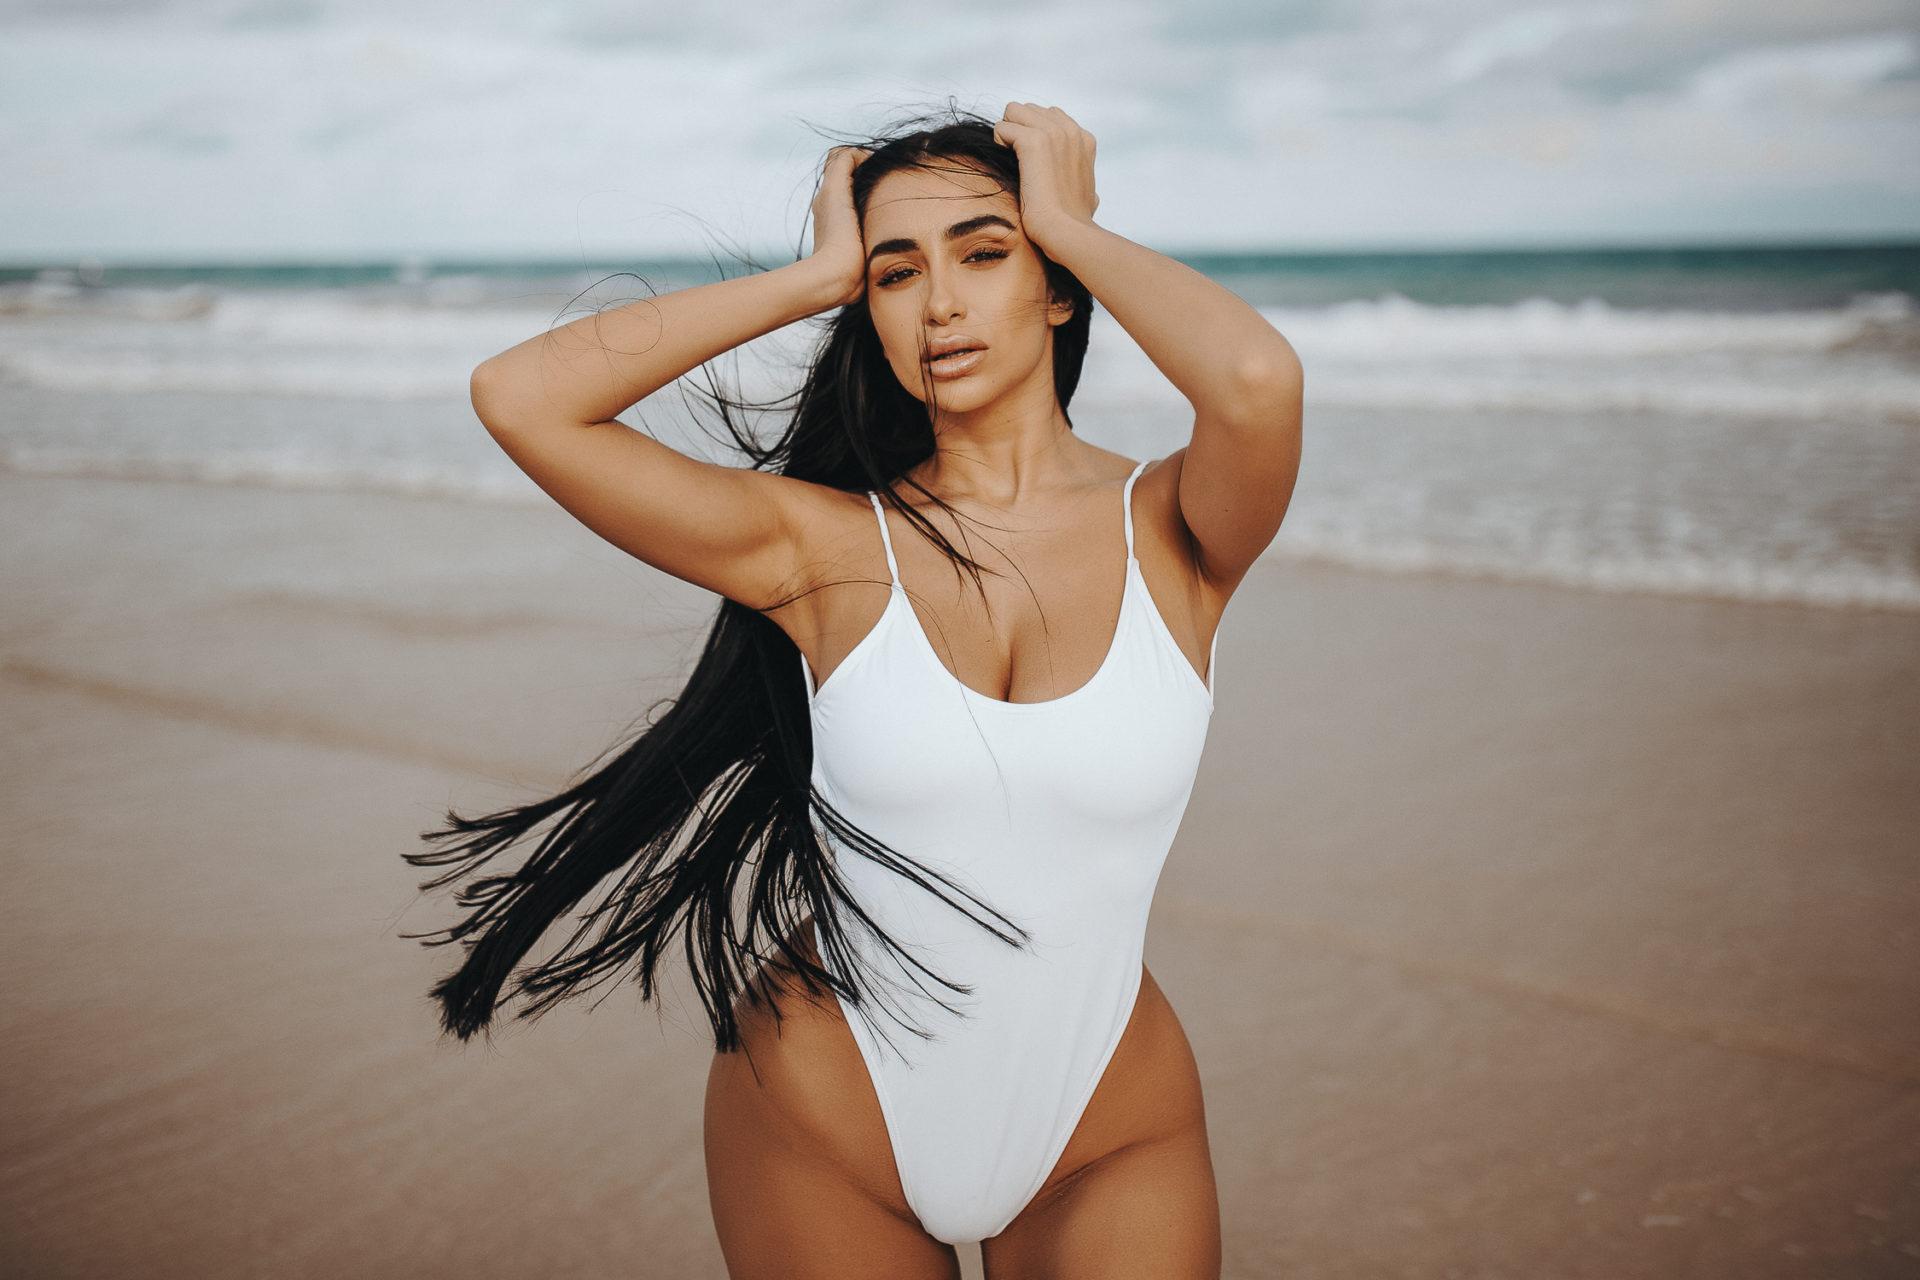 Silvia #1